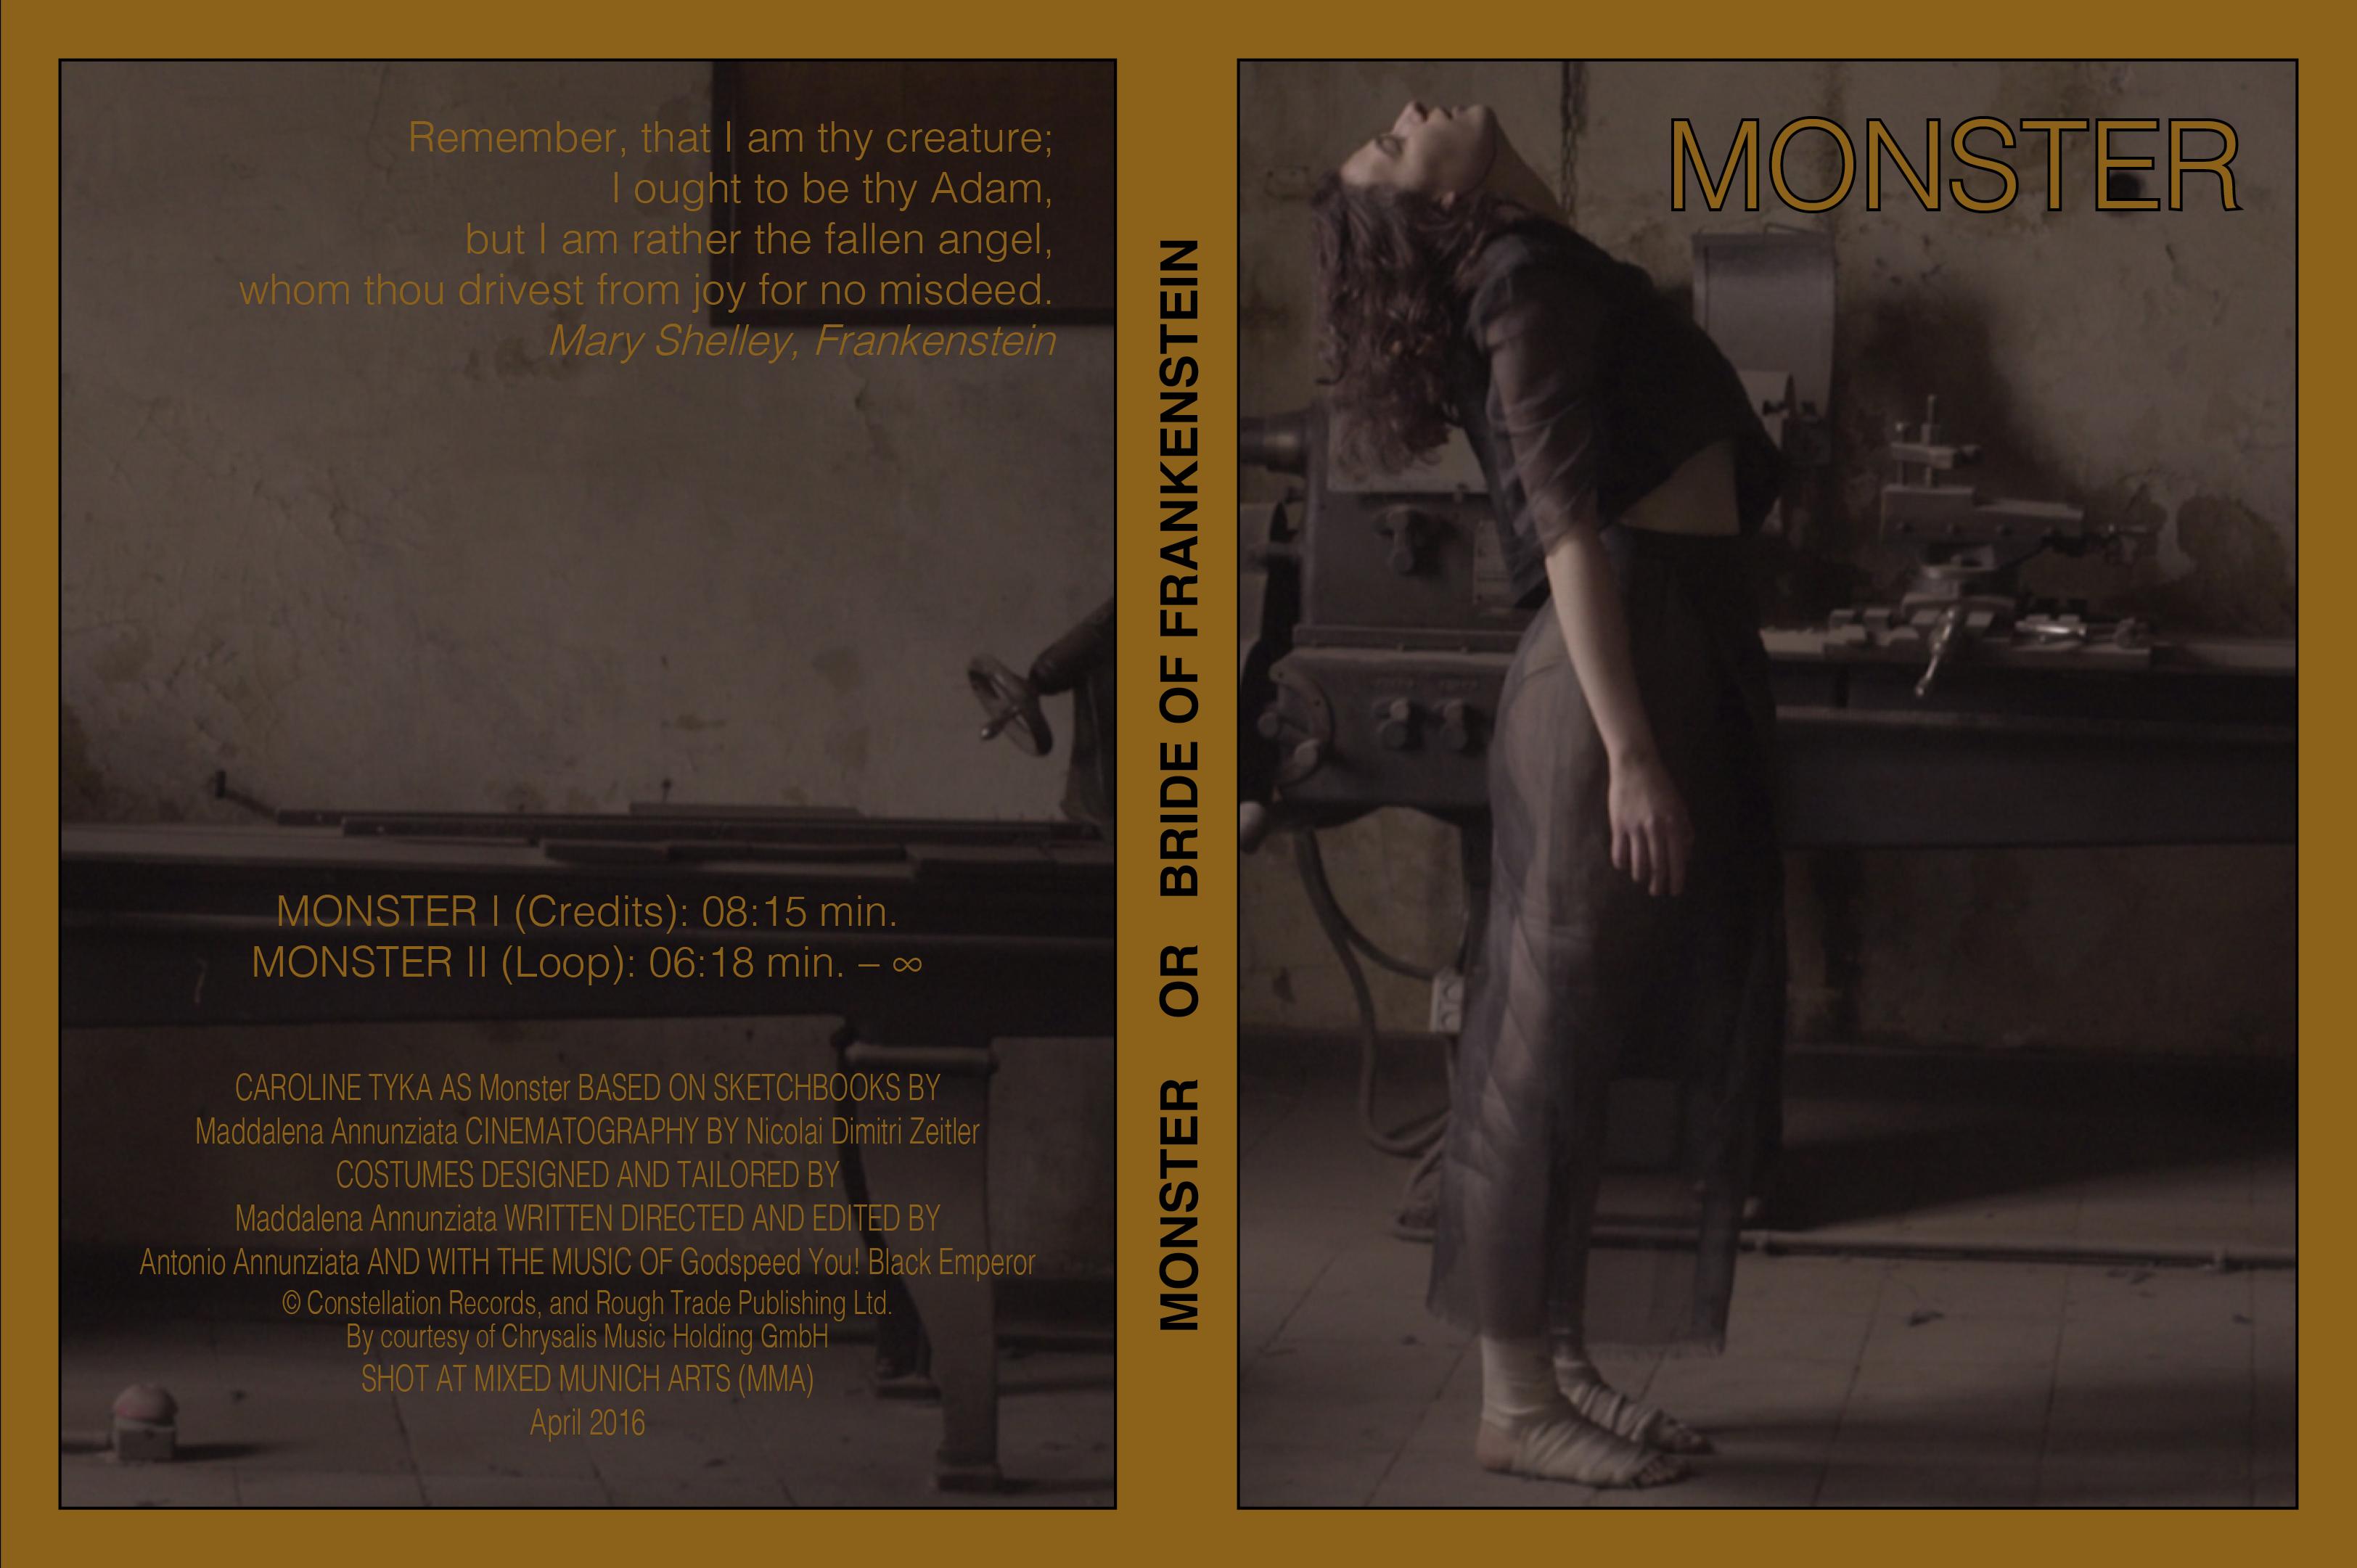 monster-dvd-layout-ivcr-vorschau